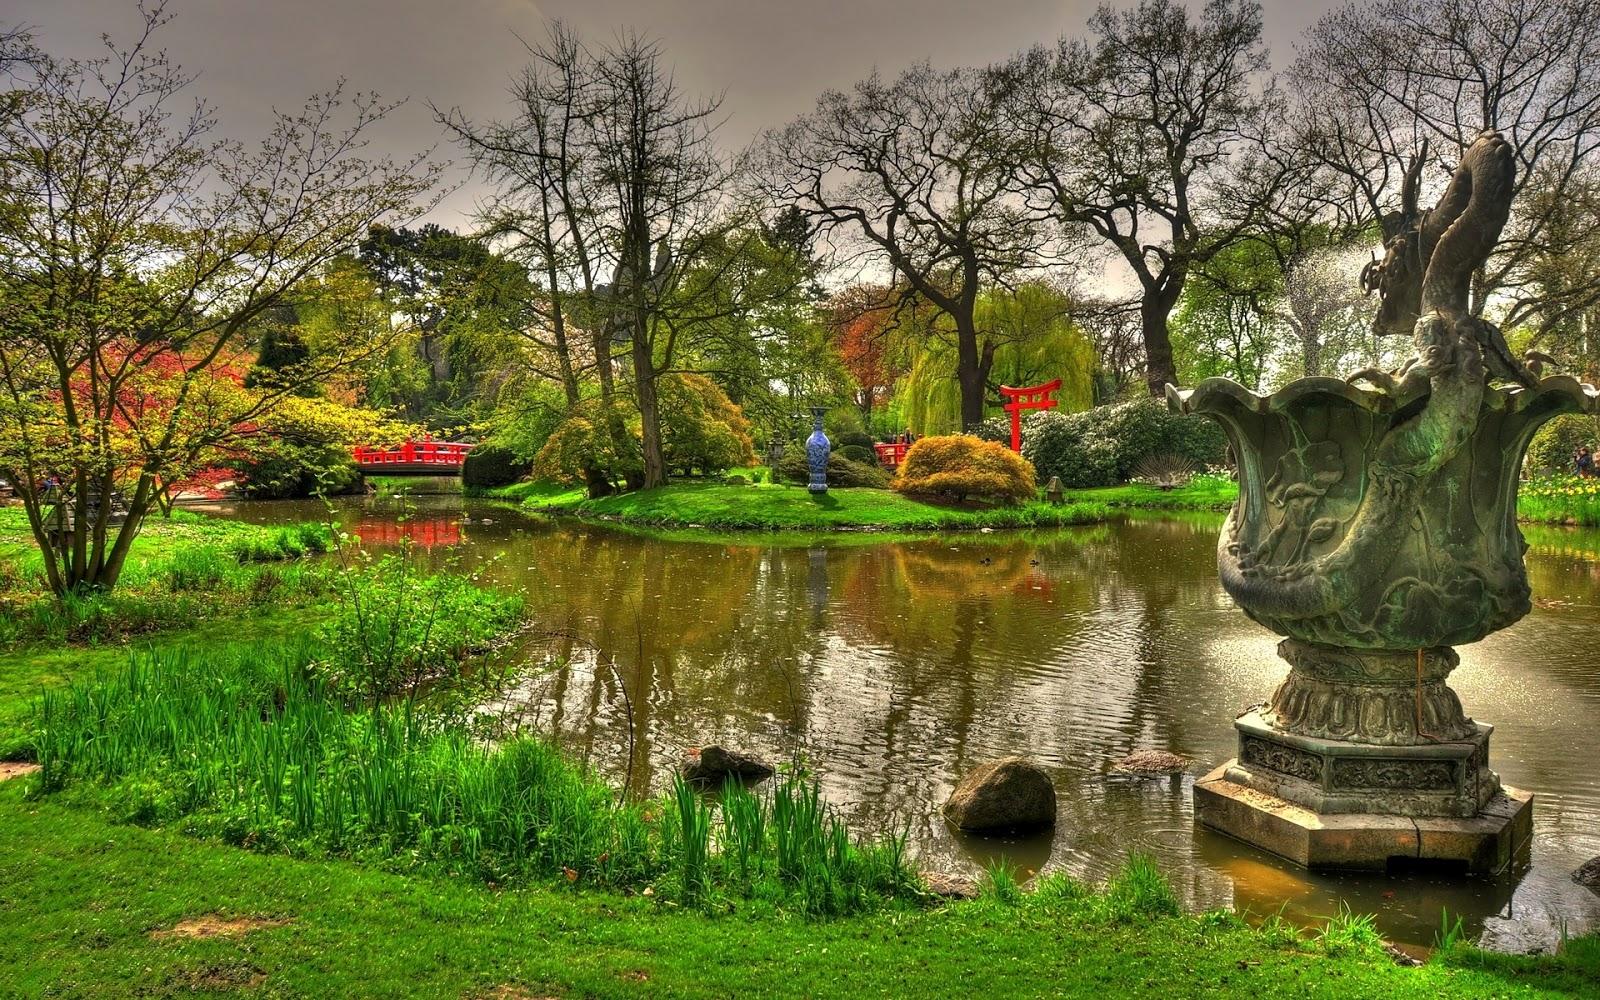 Tuin met vijver en beelden hd wallpapers for Een vijver